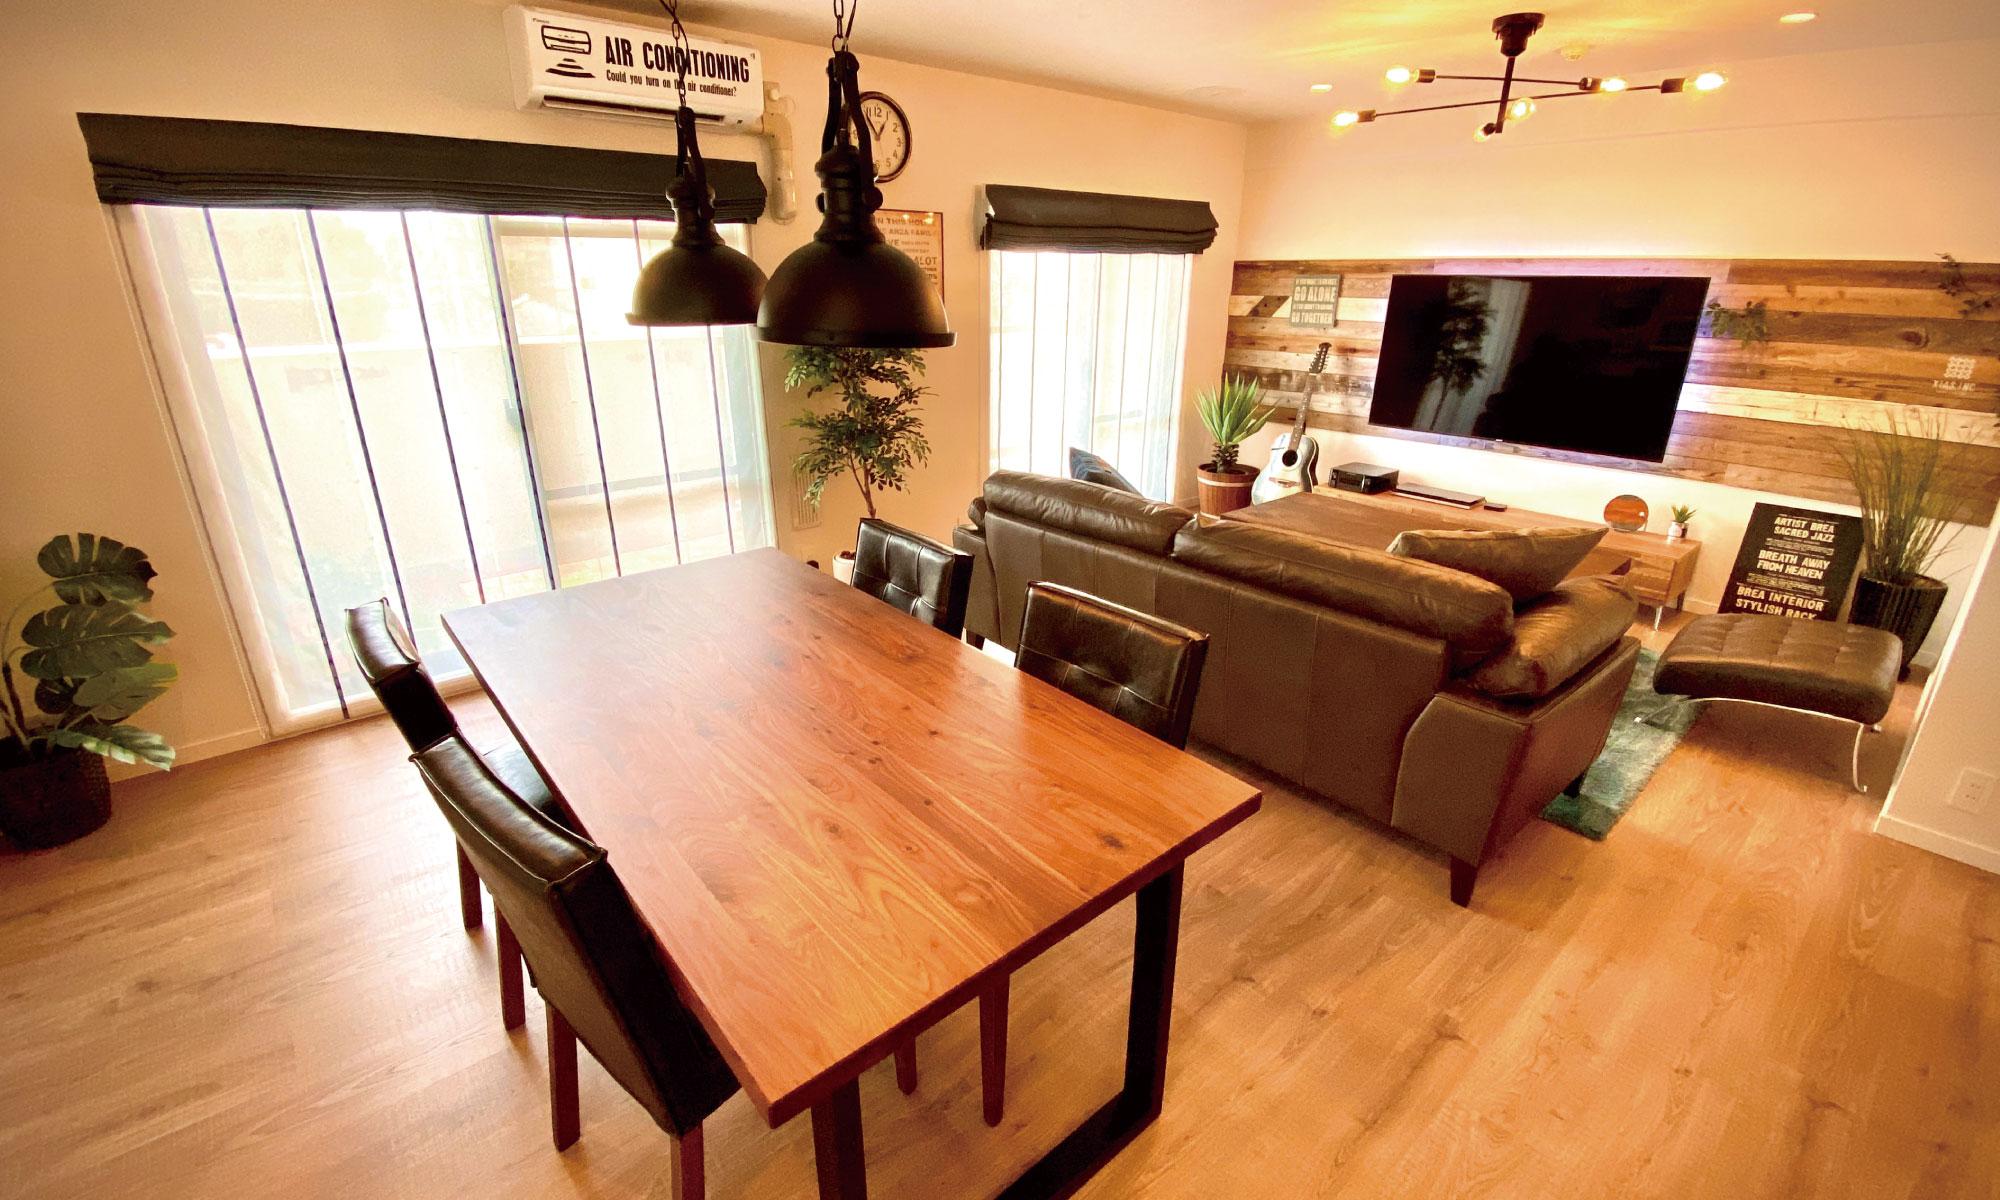 古材を上手く使ったウッディな空間。それはカフェのような家。